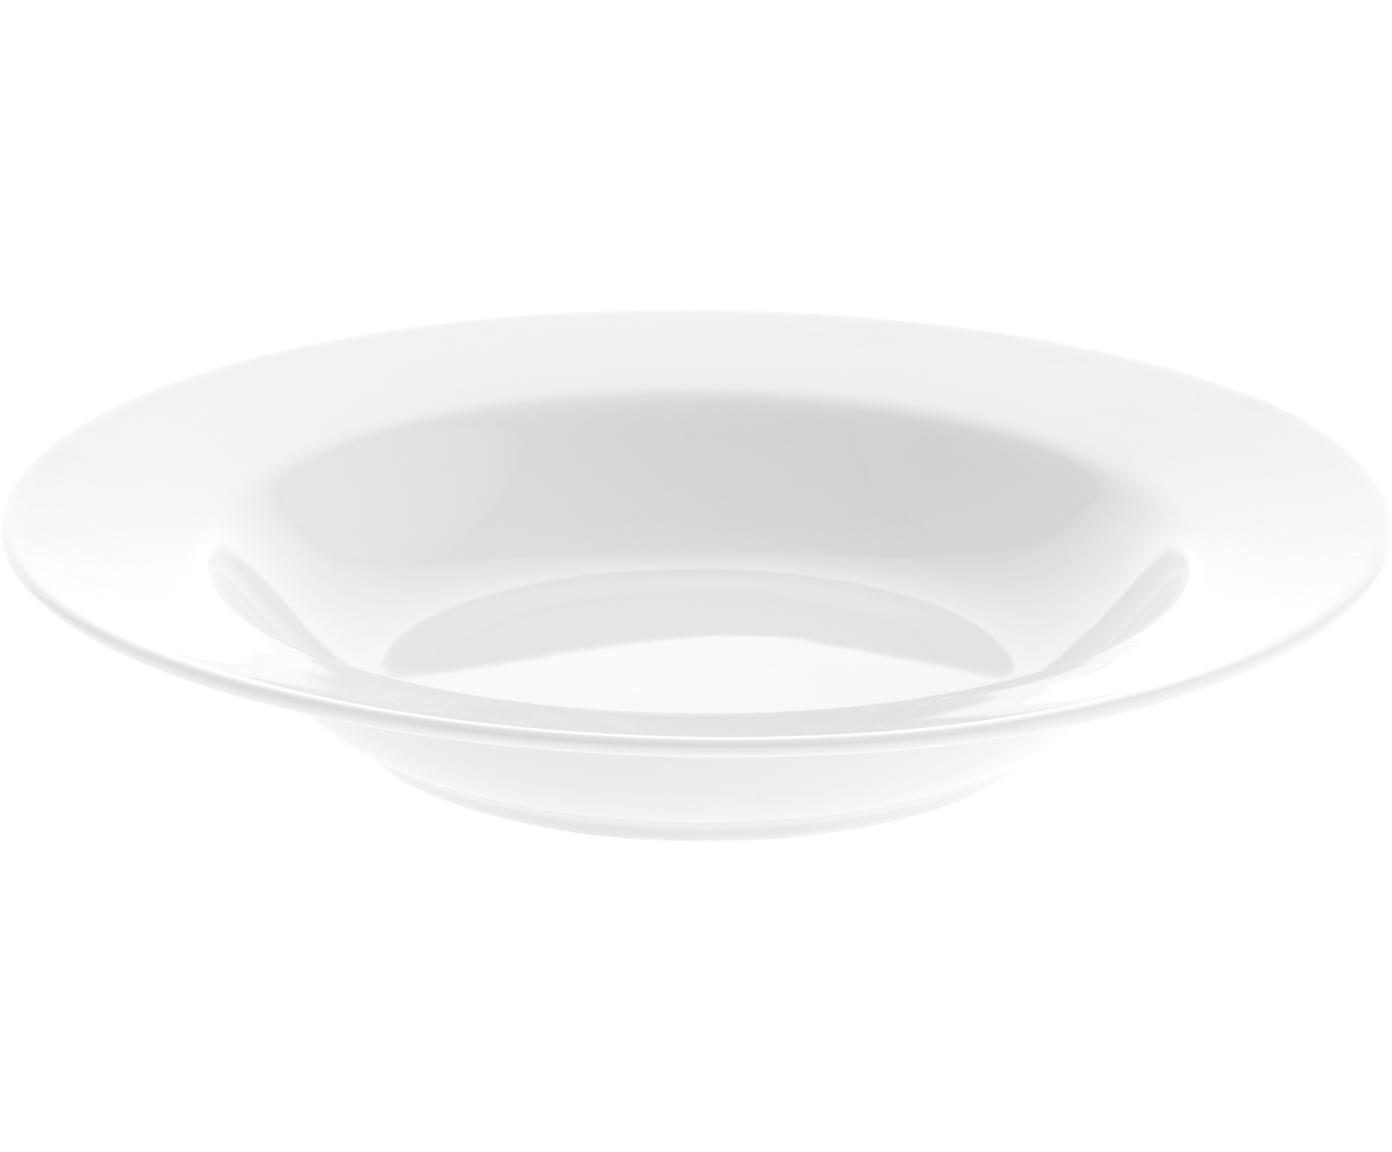 Suppenteller Delight Classic, 2 Stück, Porzellan, Weiß, Ø 23 x H 4 cm